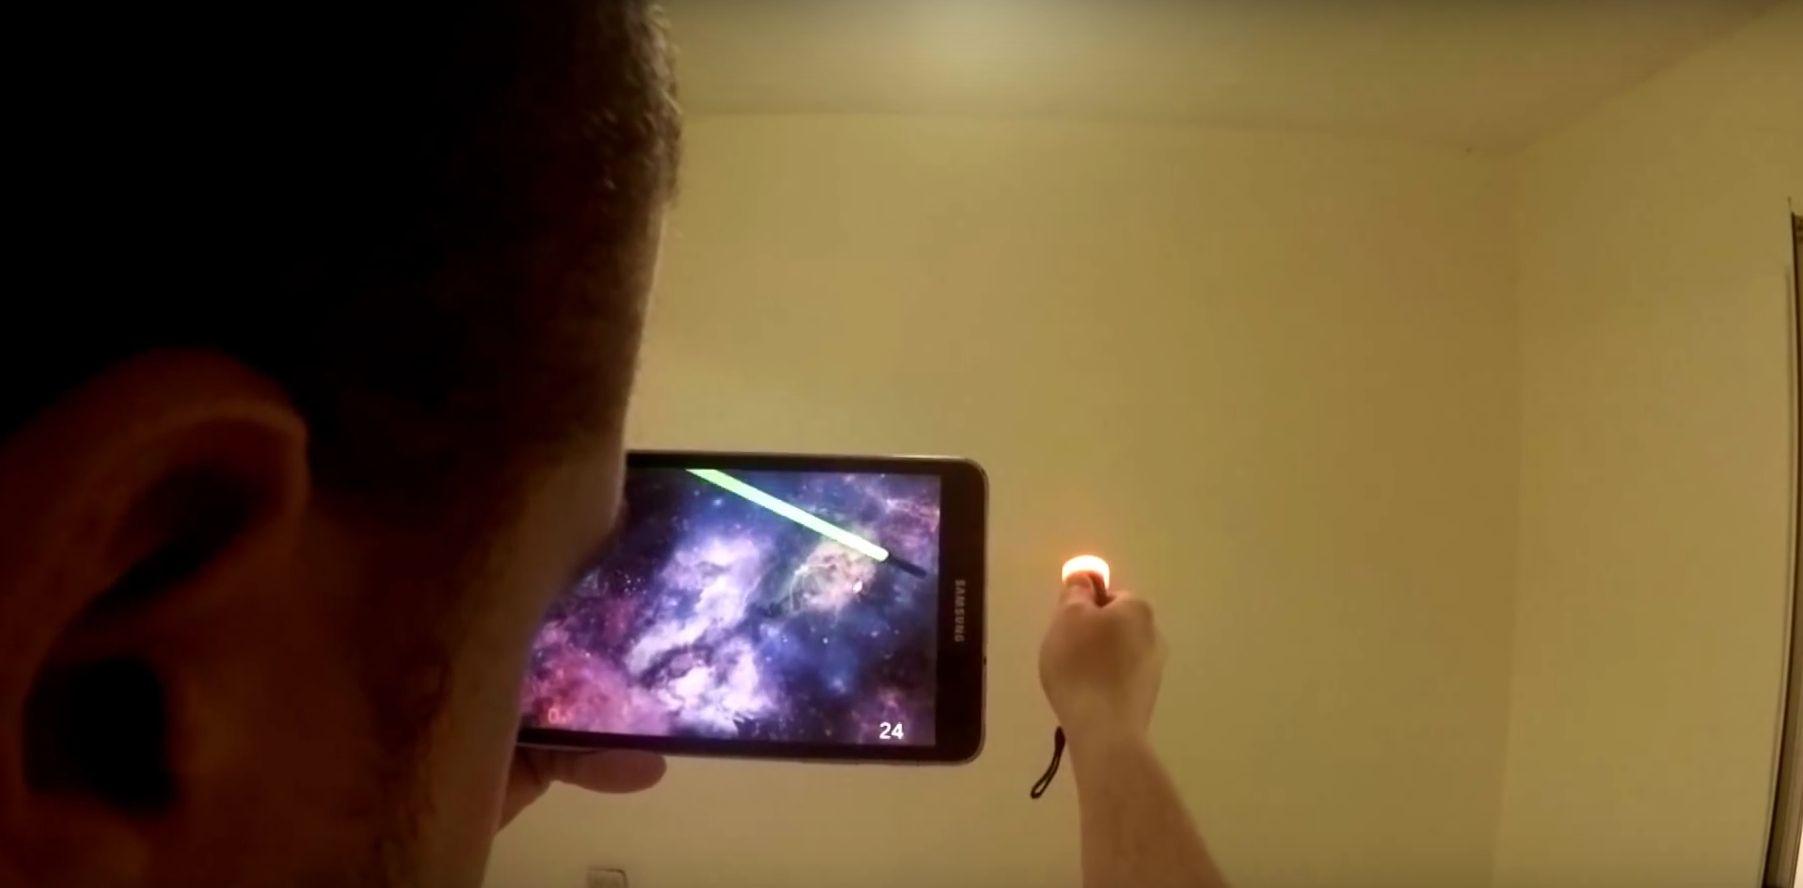 Ja, das ist eine Taschenlampe. (Foto: Screenshot)